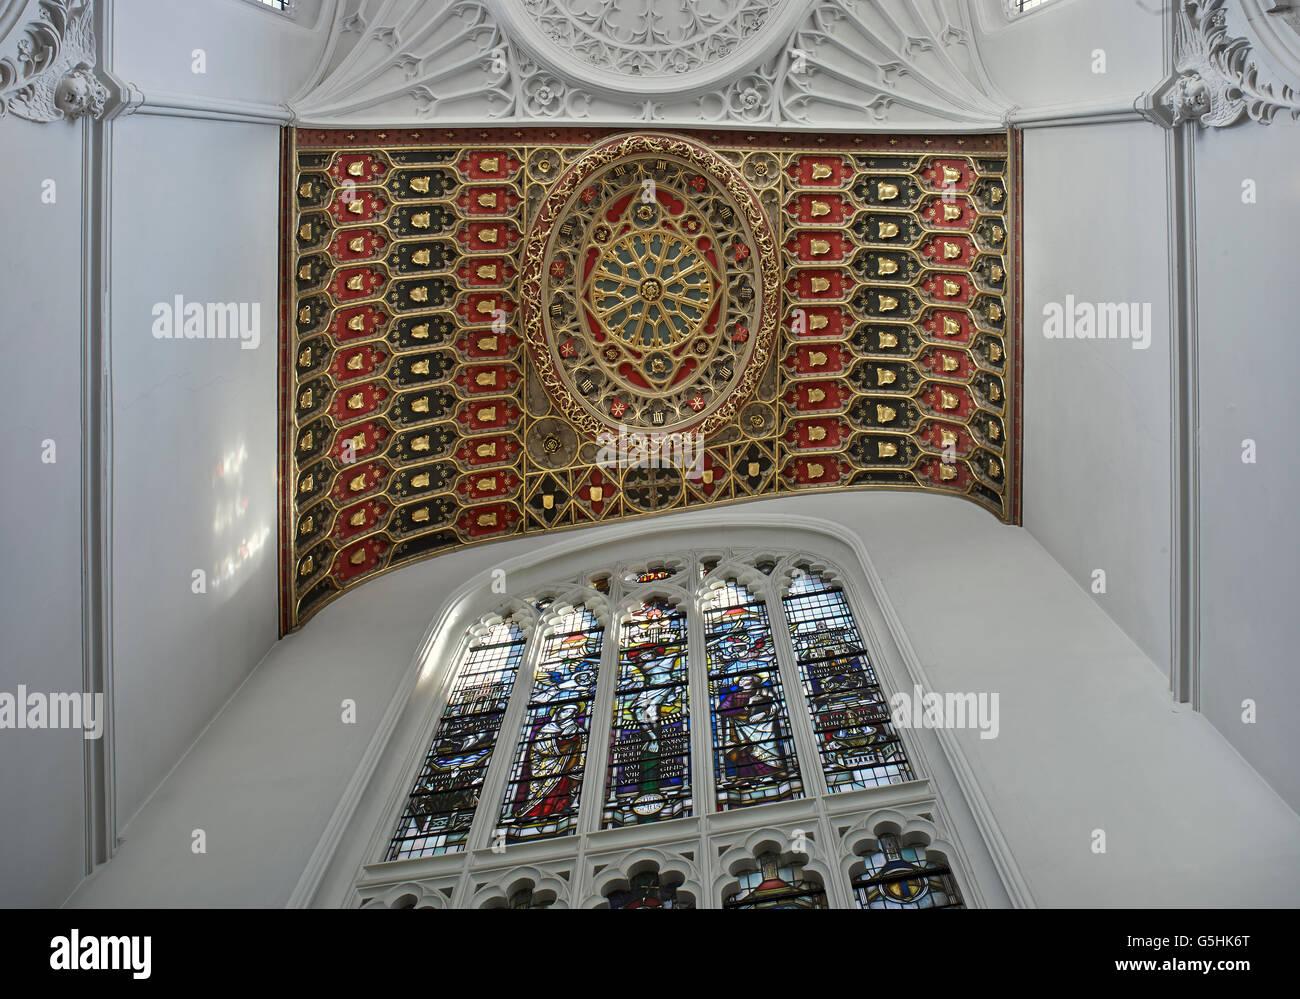 St Mary Aldermary, chiesa della città di Londra, coro gotico soffitto Immagini Stock